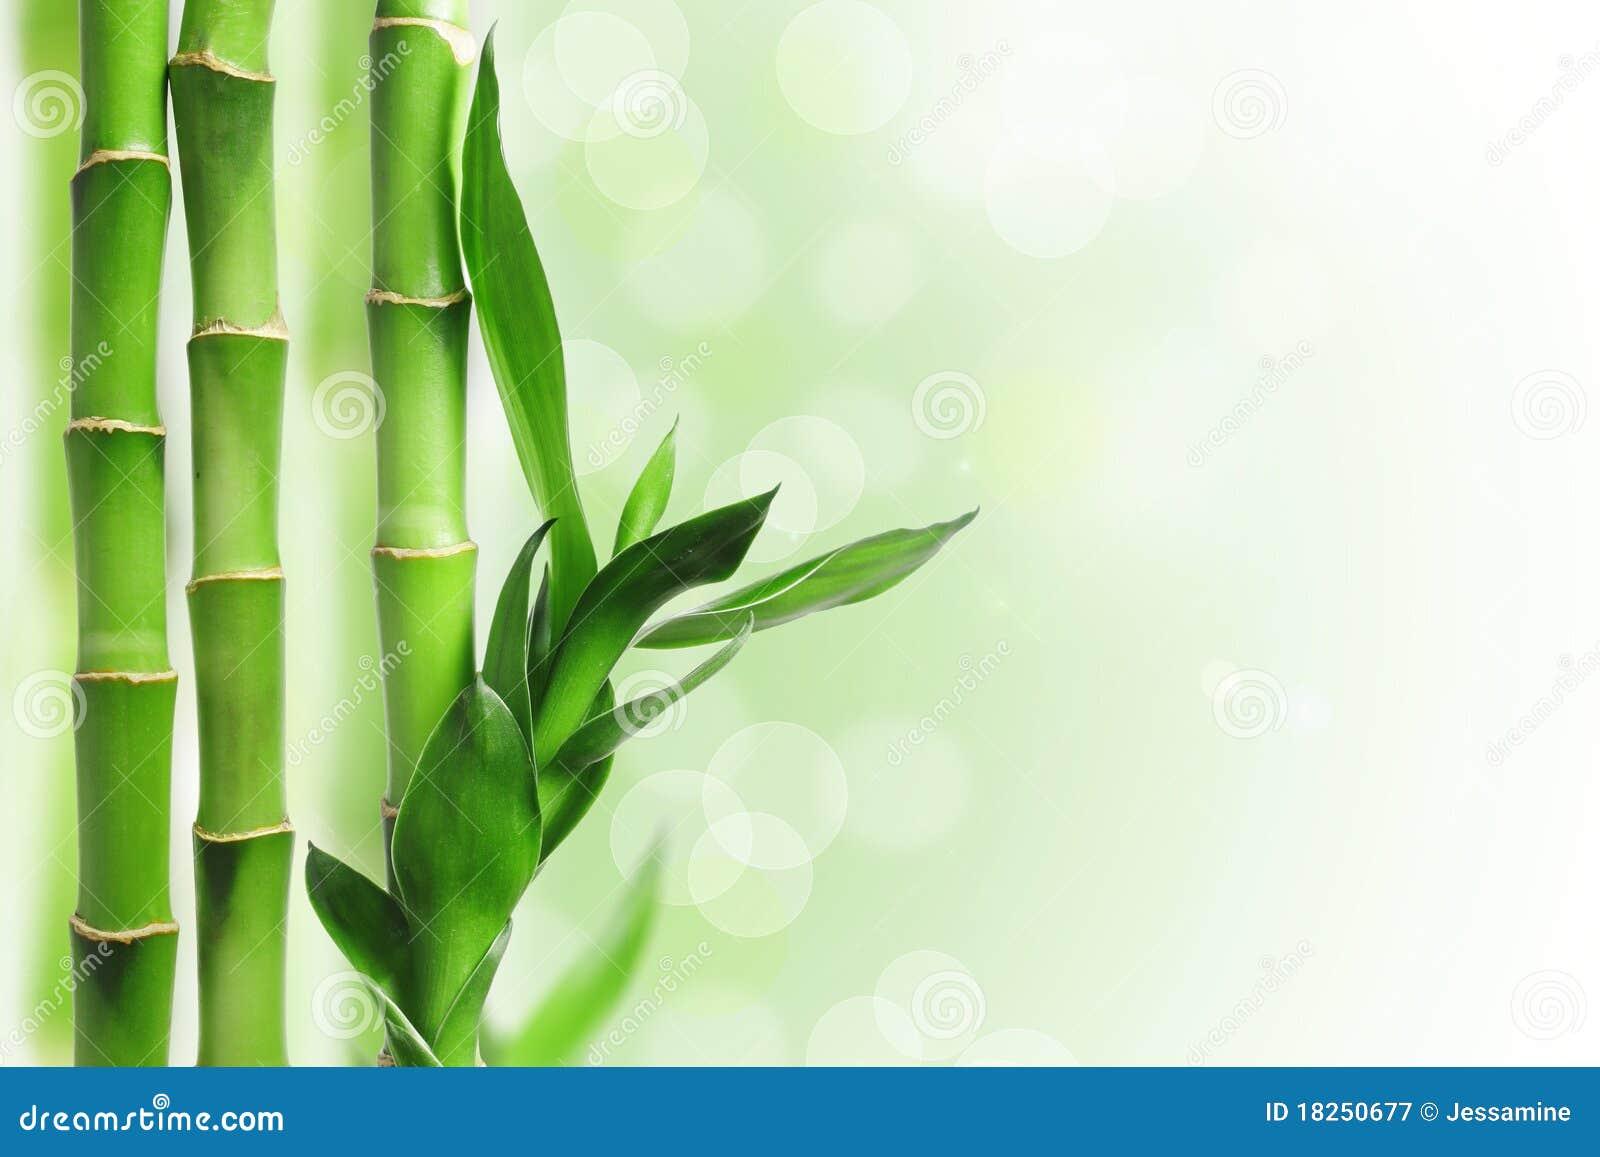 我需要桌面背景竹子这个谁有,我找桌面背景竹子